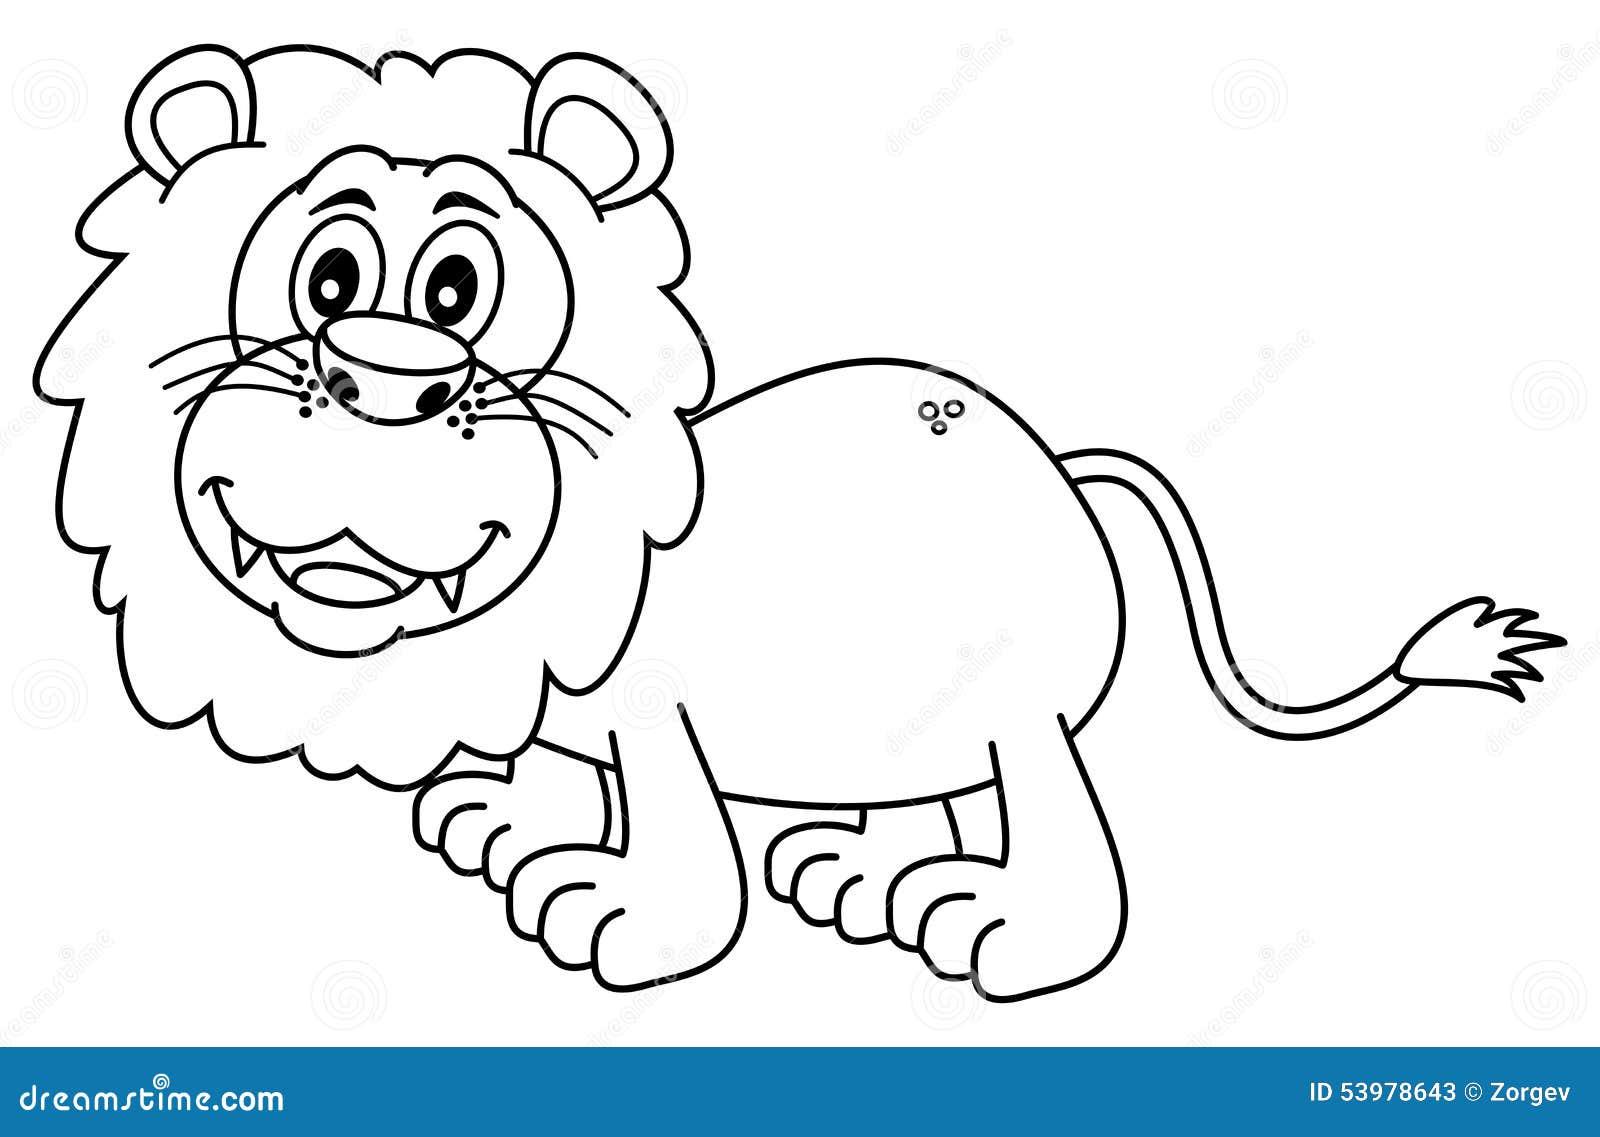 León para colorear stock de ilustración. Ilustración de mamífero ...